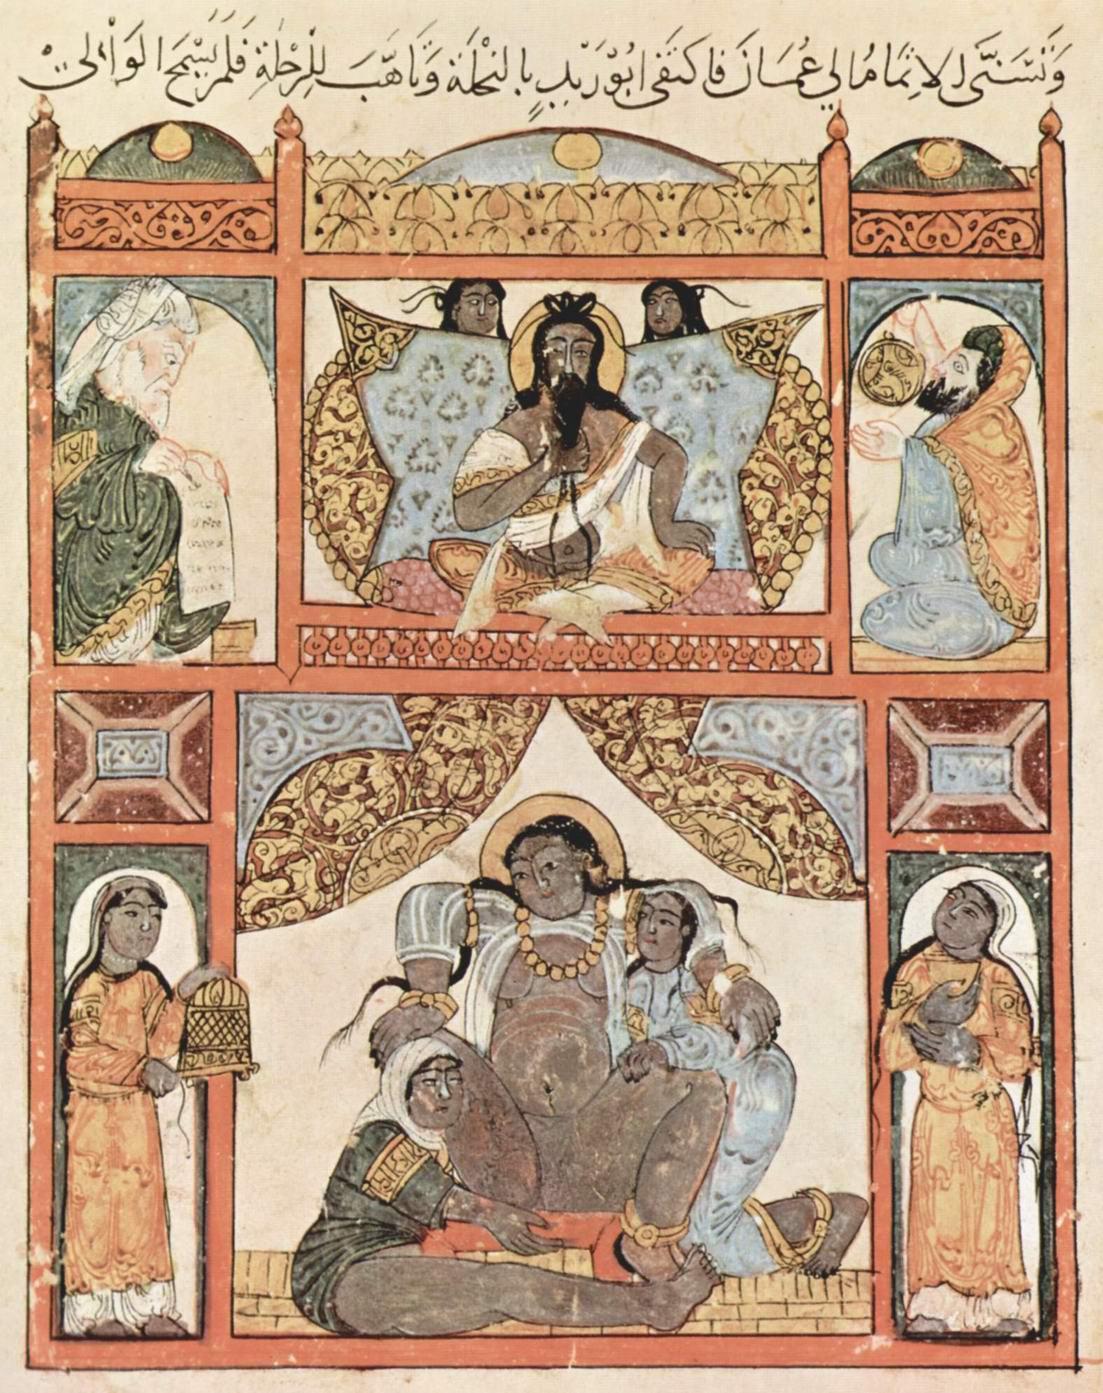 https://wmuseum.ru/uploads/posts/2011-11/1321640745 hariri-chas-rozhdeniya-tridcat-devyatyy-makam.jpg, Аль-Васити Яхья ибн-Махмуд